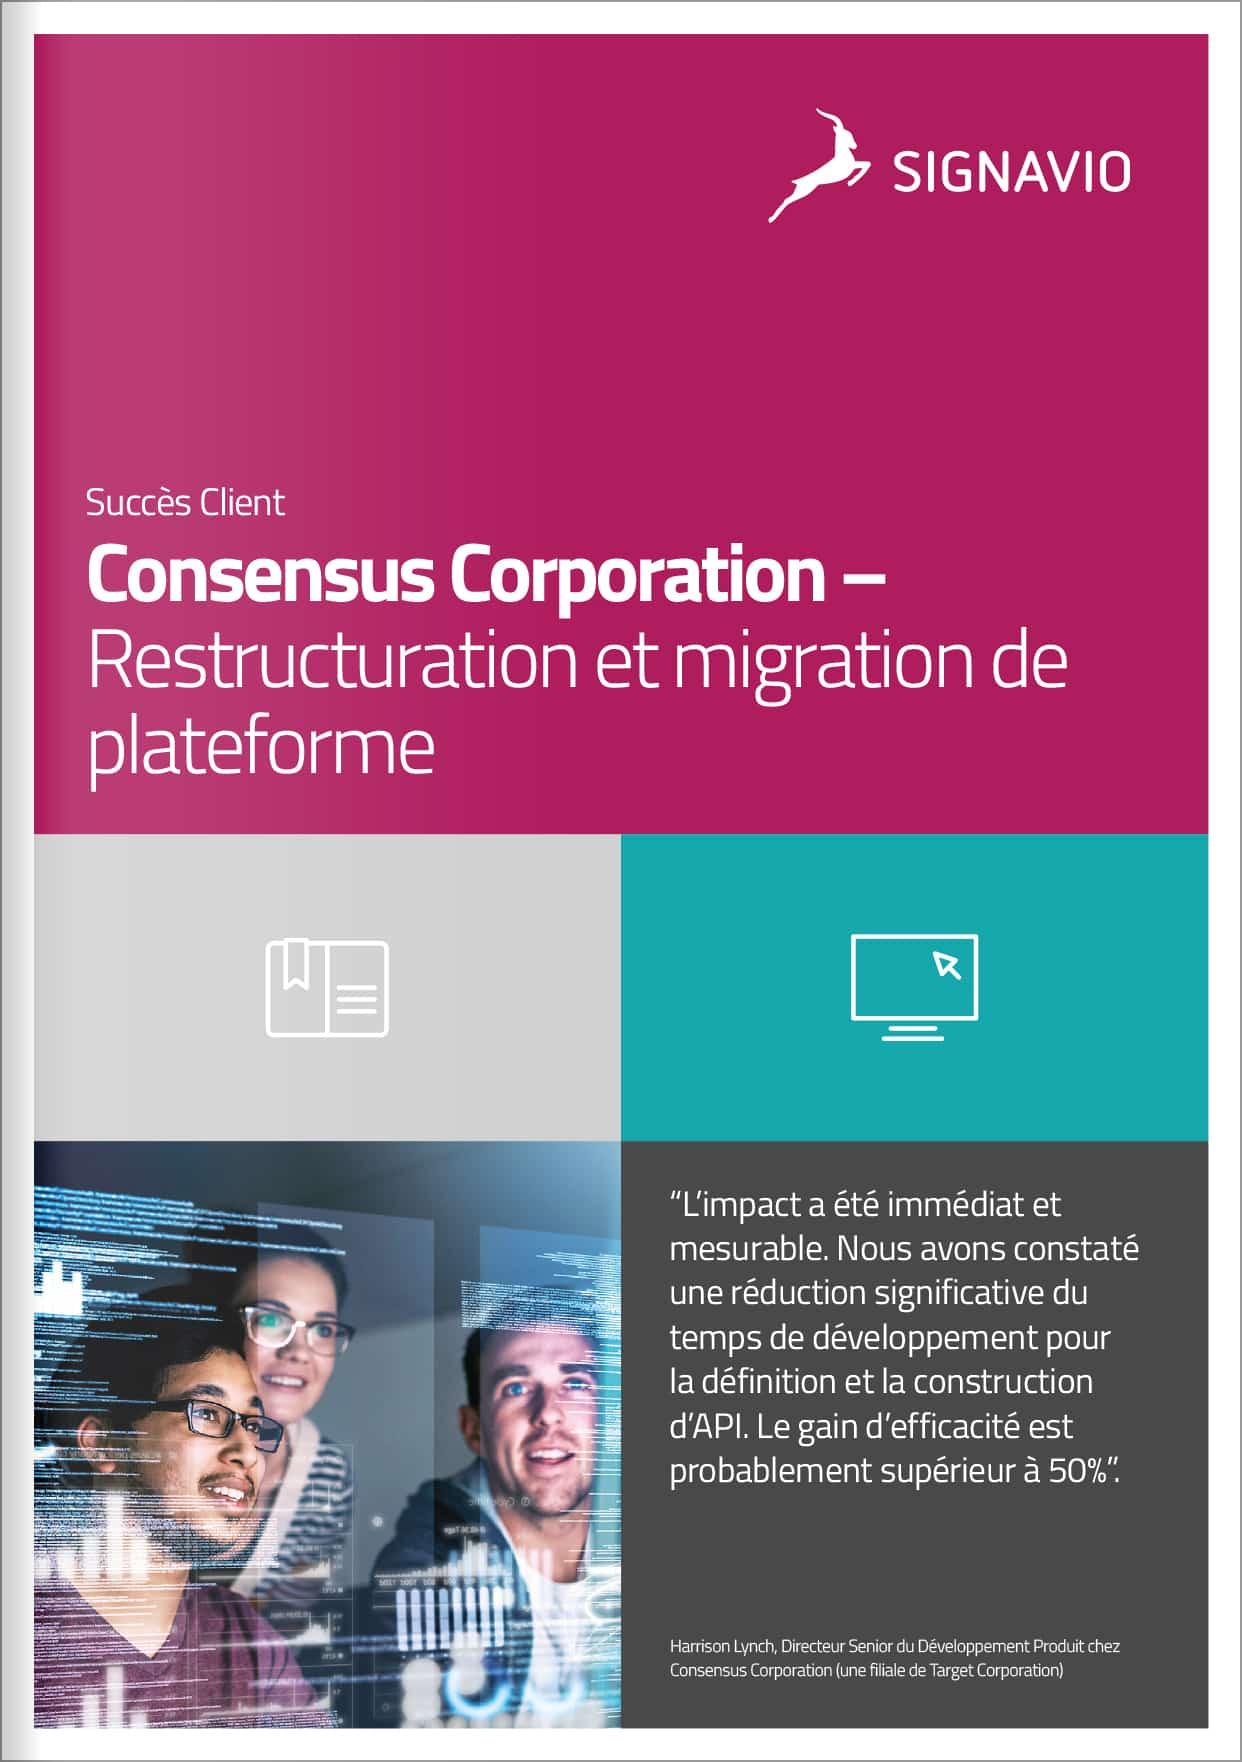 Consensus-Corporation-Restructuration-et-migration-de-plateforme